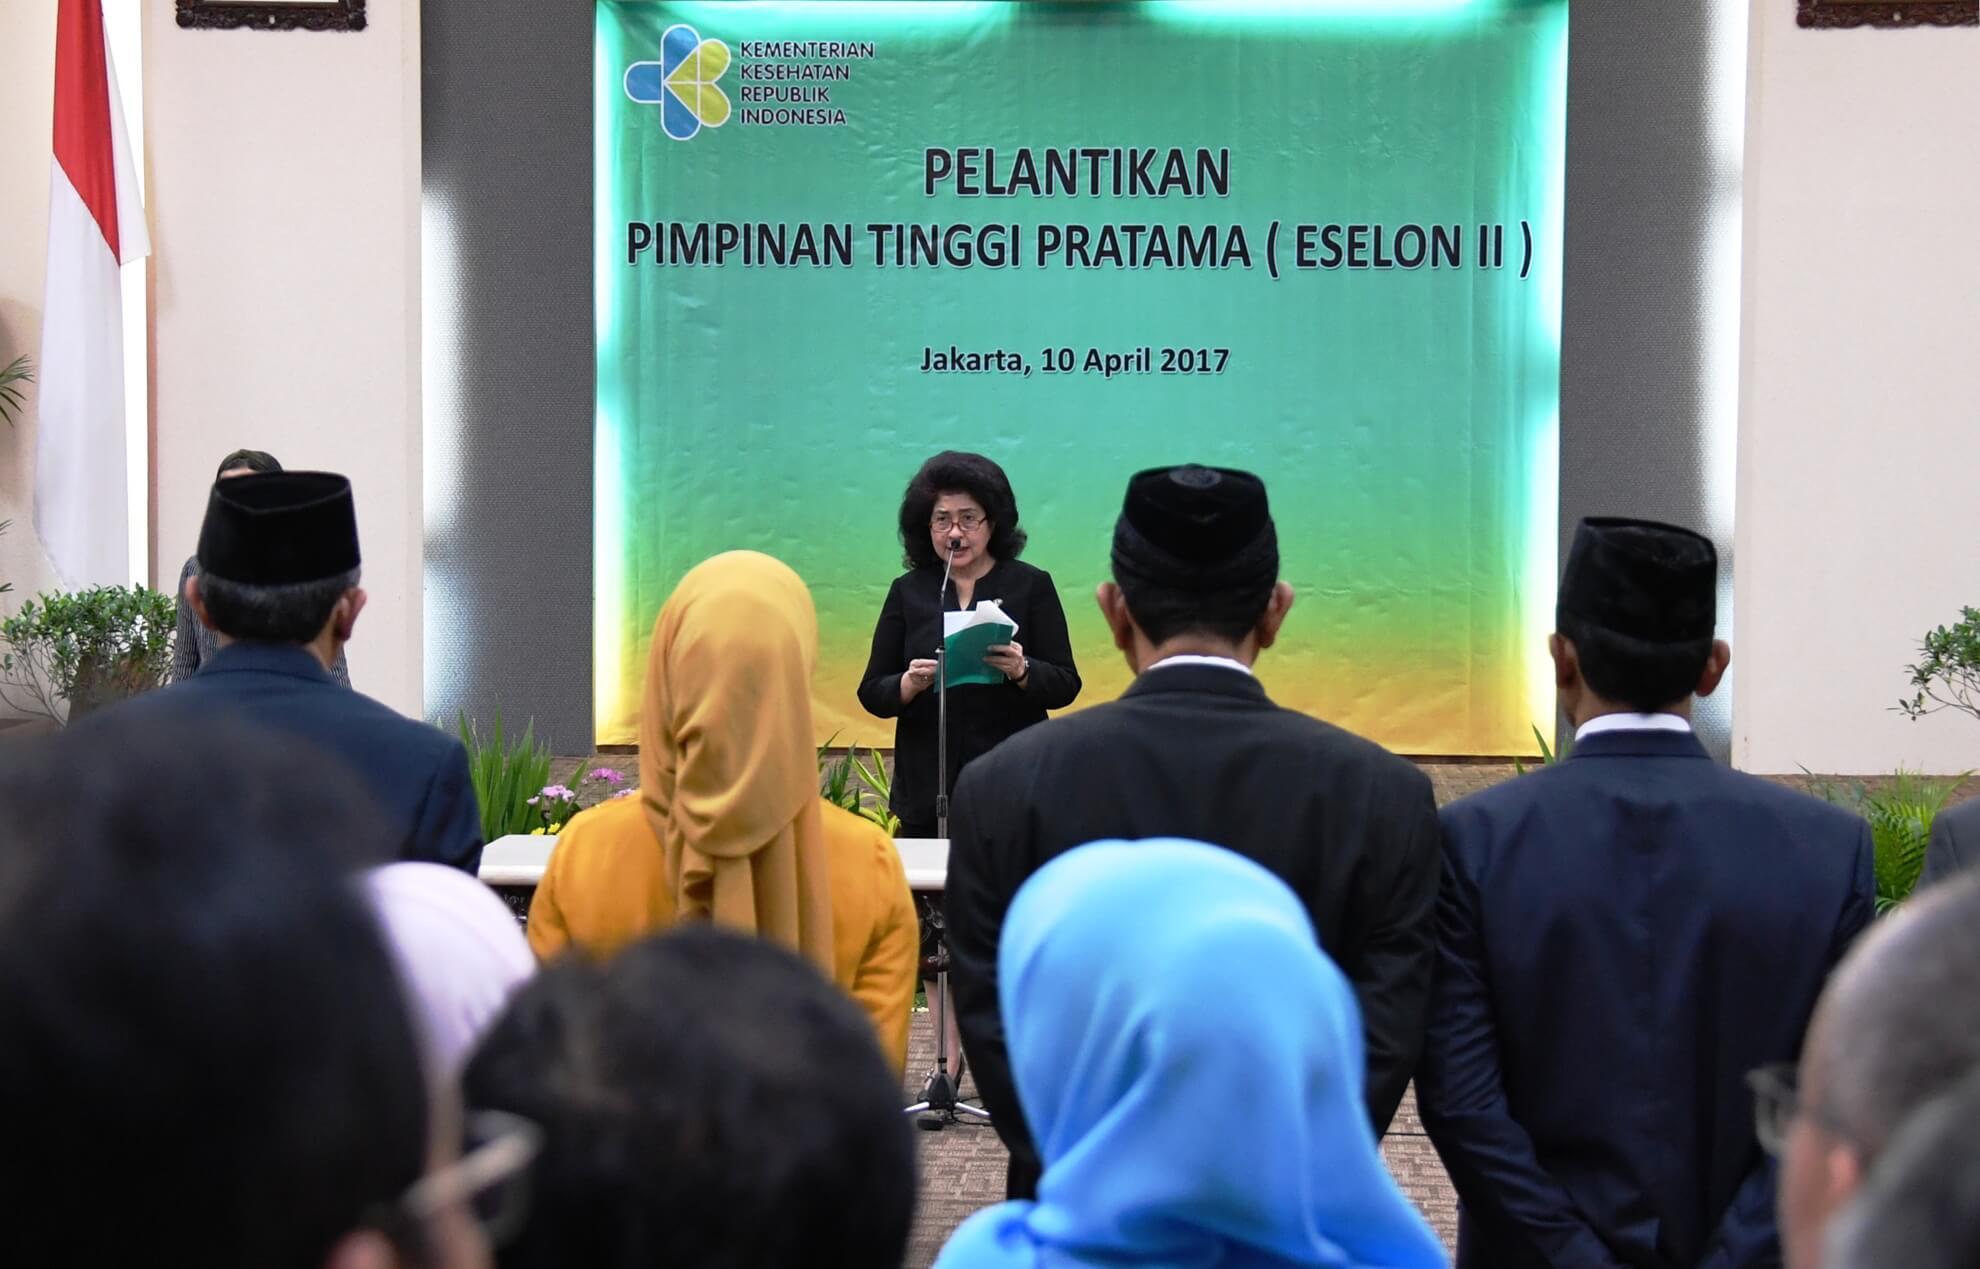 10-4-2017-menteri-kesehatan-memberikan-sambutan-pada-pelantikan-pejabat-eselon-ii